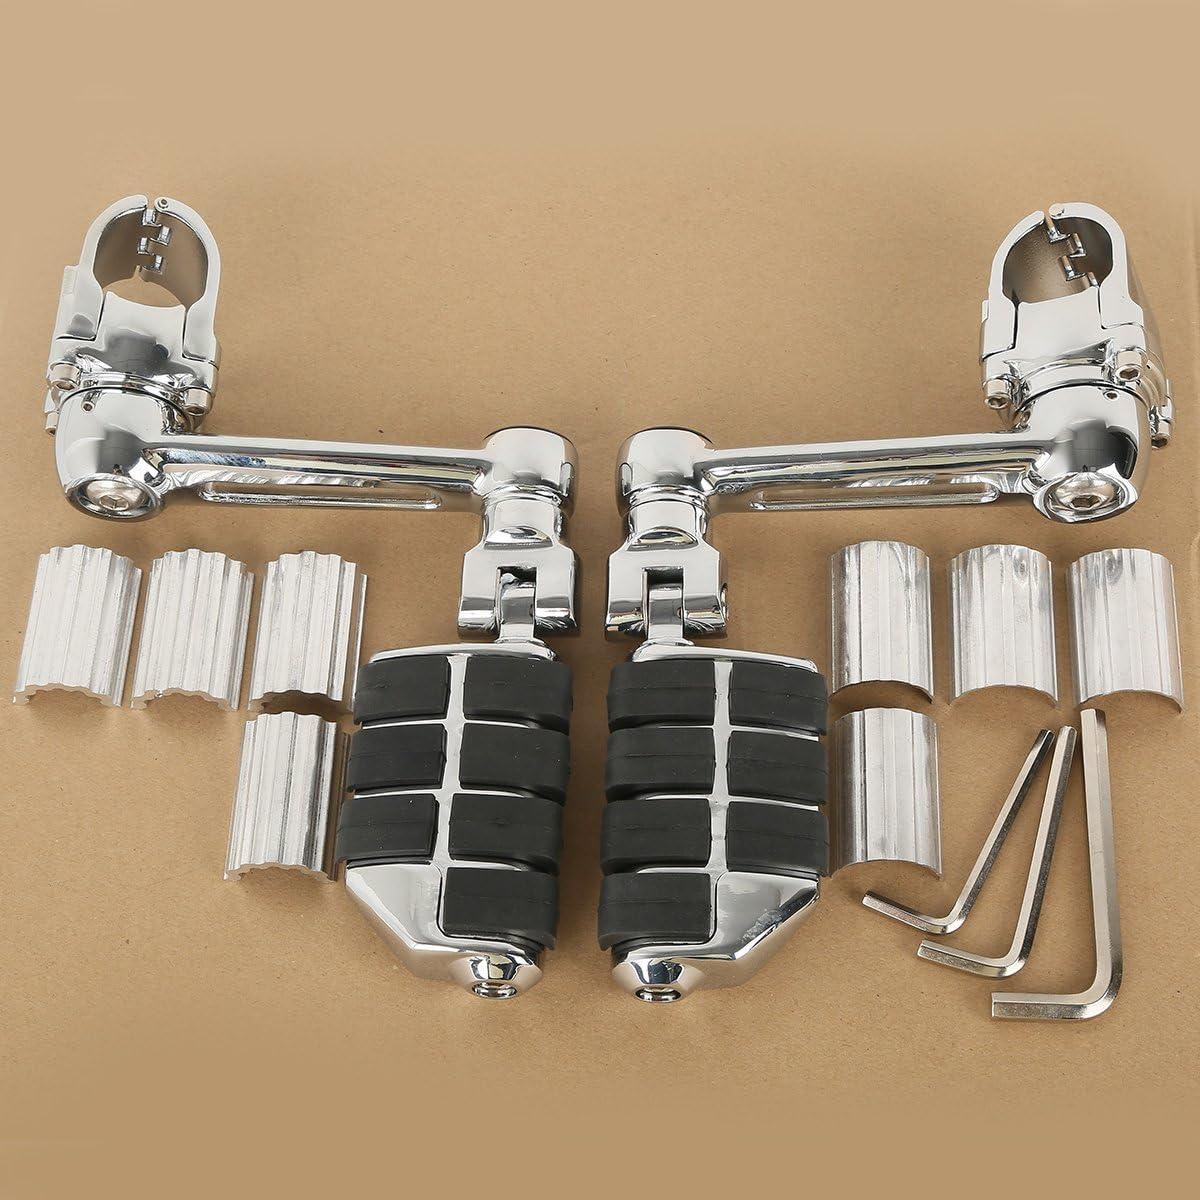 Tengchang Motorrad 22mm 30mm 35mm Einstellbar Vorderseite Fußstützen Autobahn Fußrasten Für Honda Goldwing Gl1800 Auto